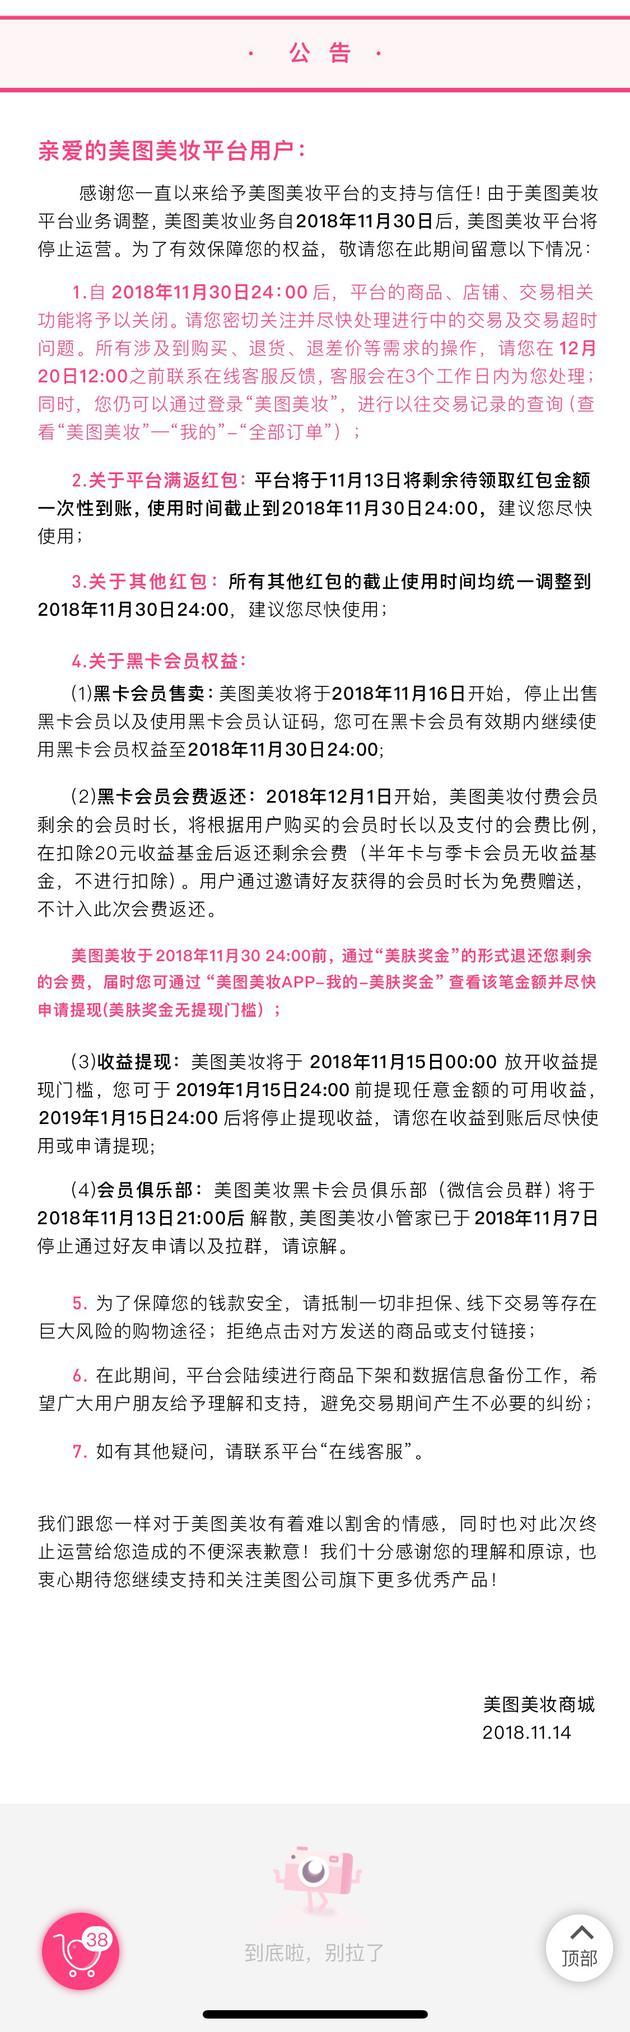 美图美妆11月底停止运营 COO:回归移动互联网本质